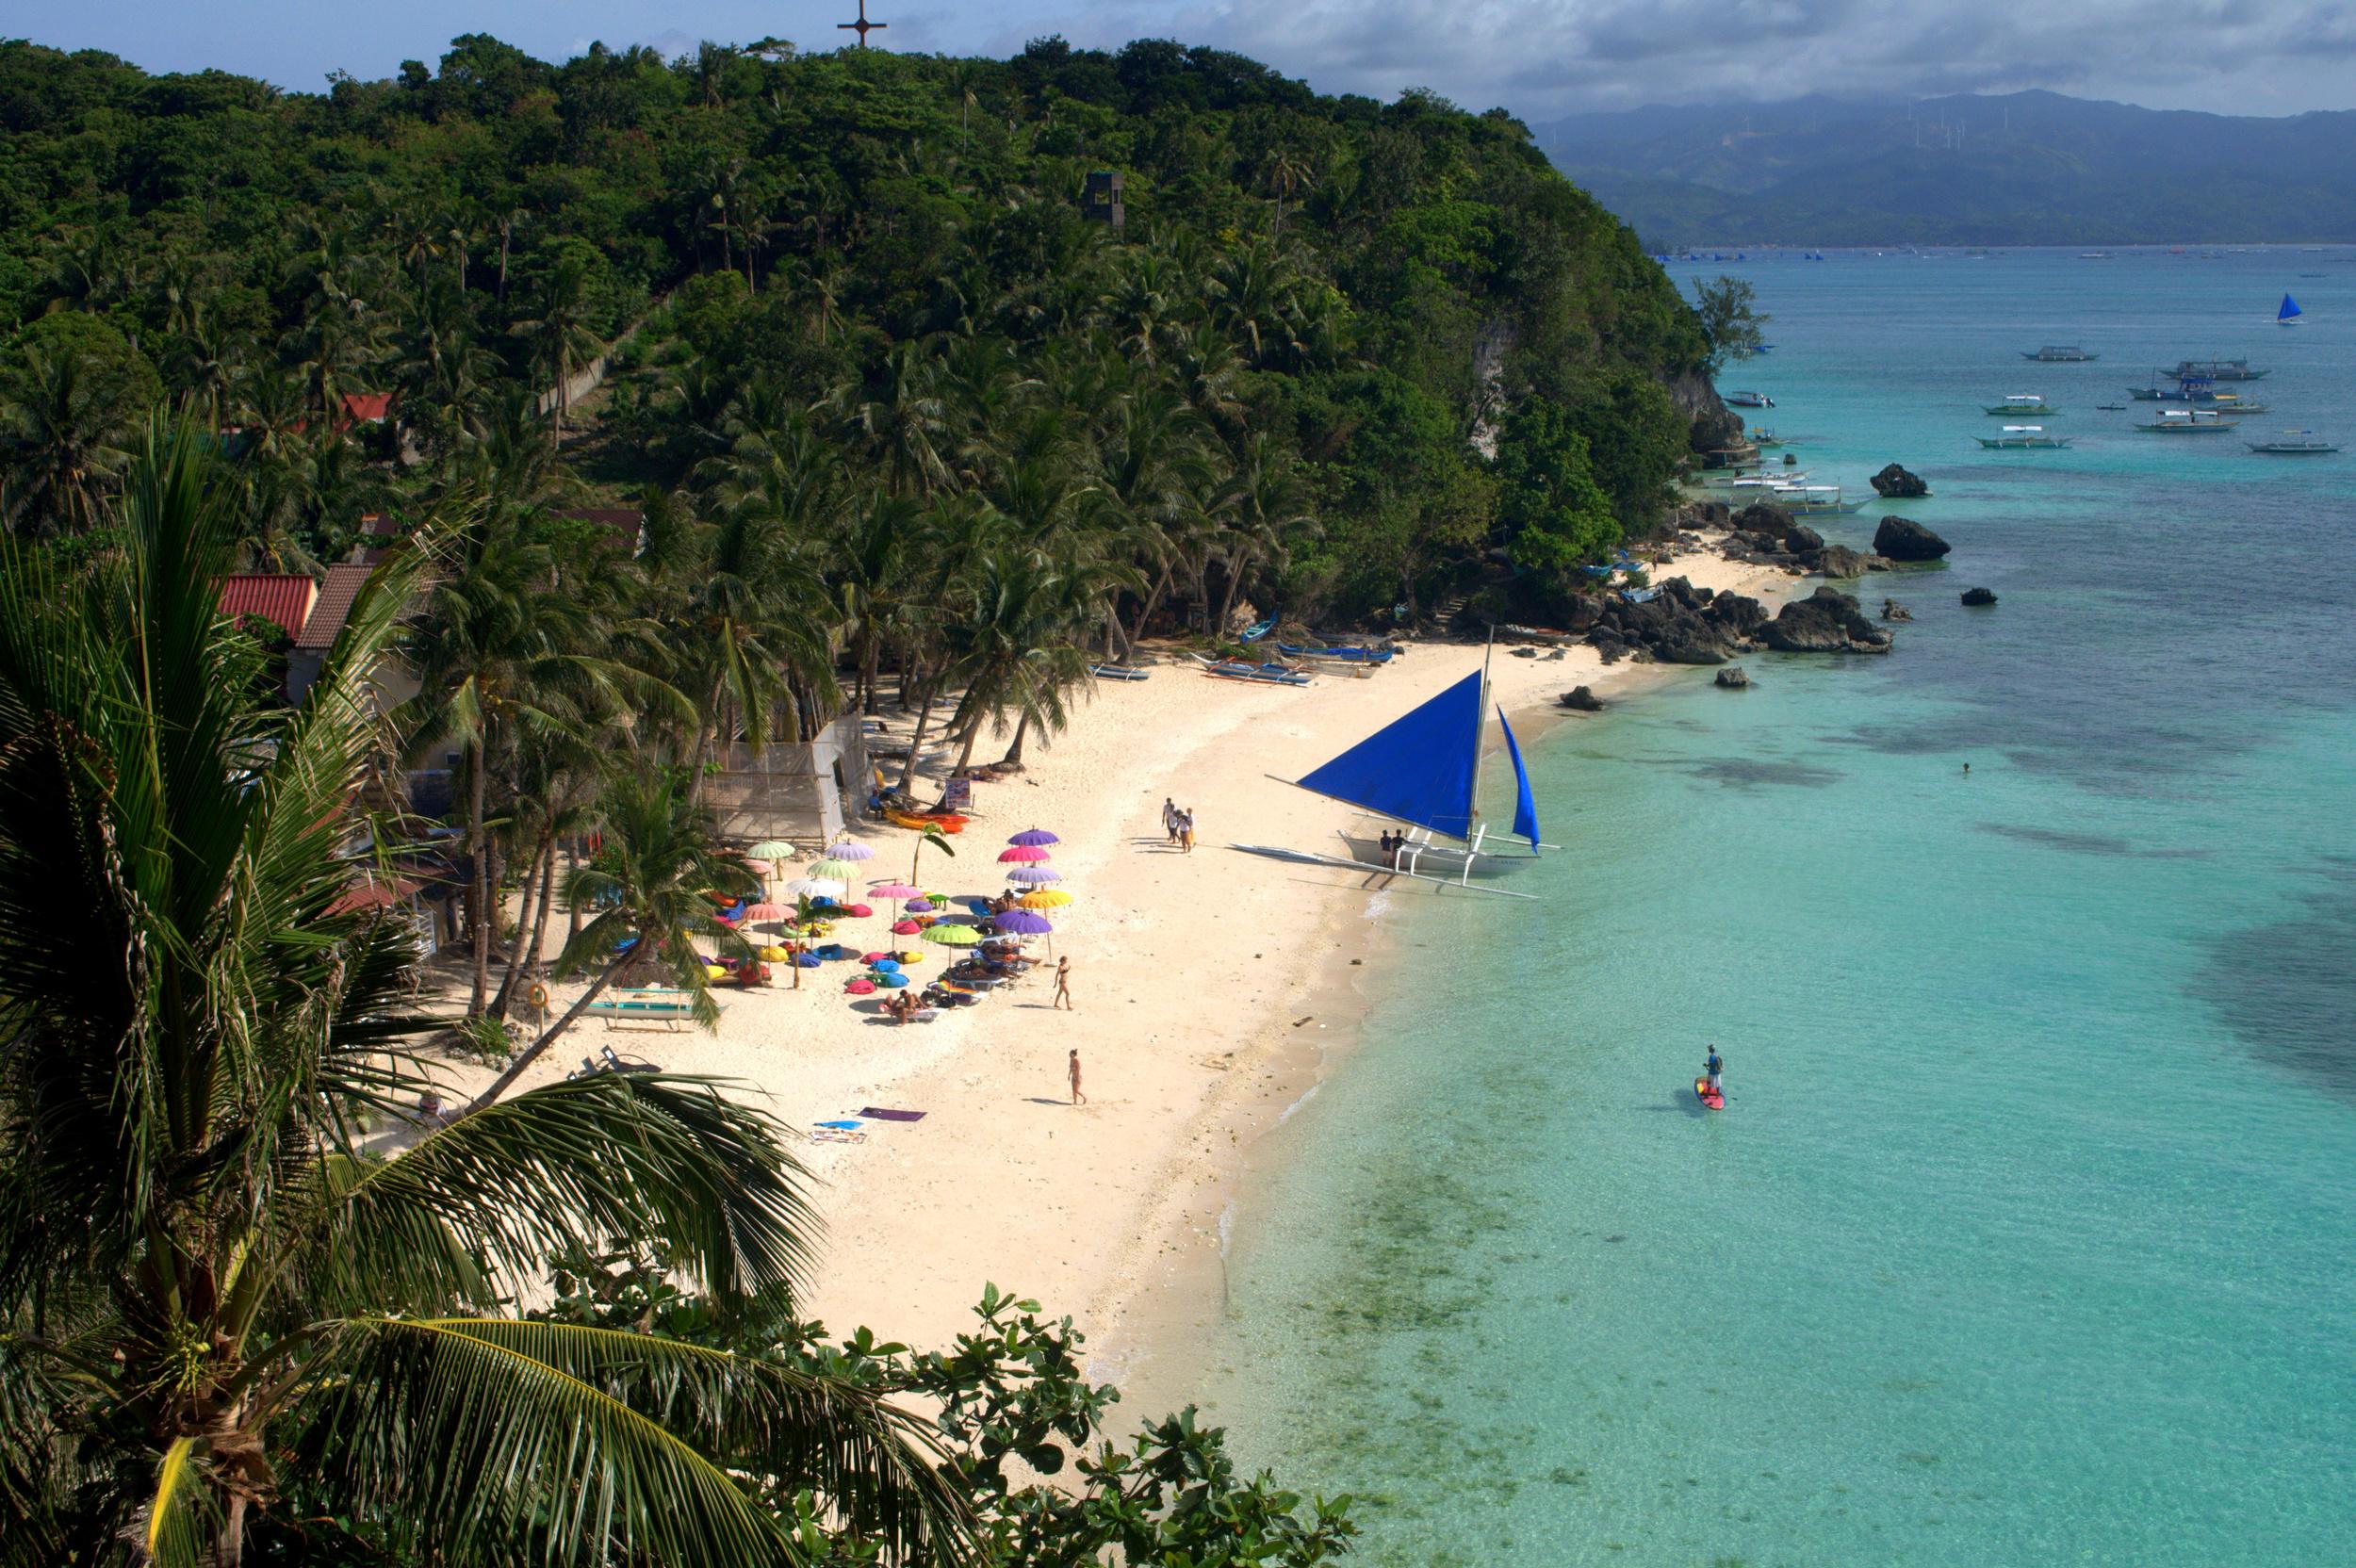 Diniwid Beach, Boracay Island